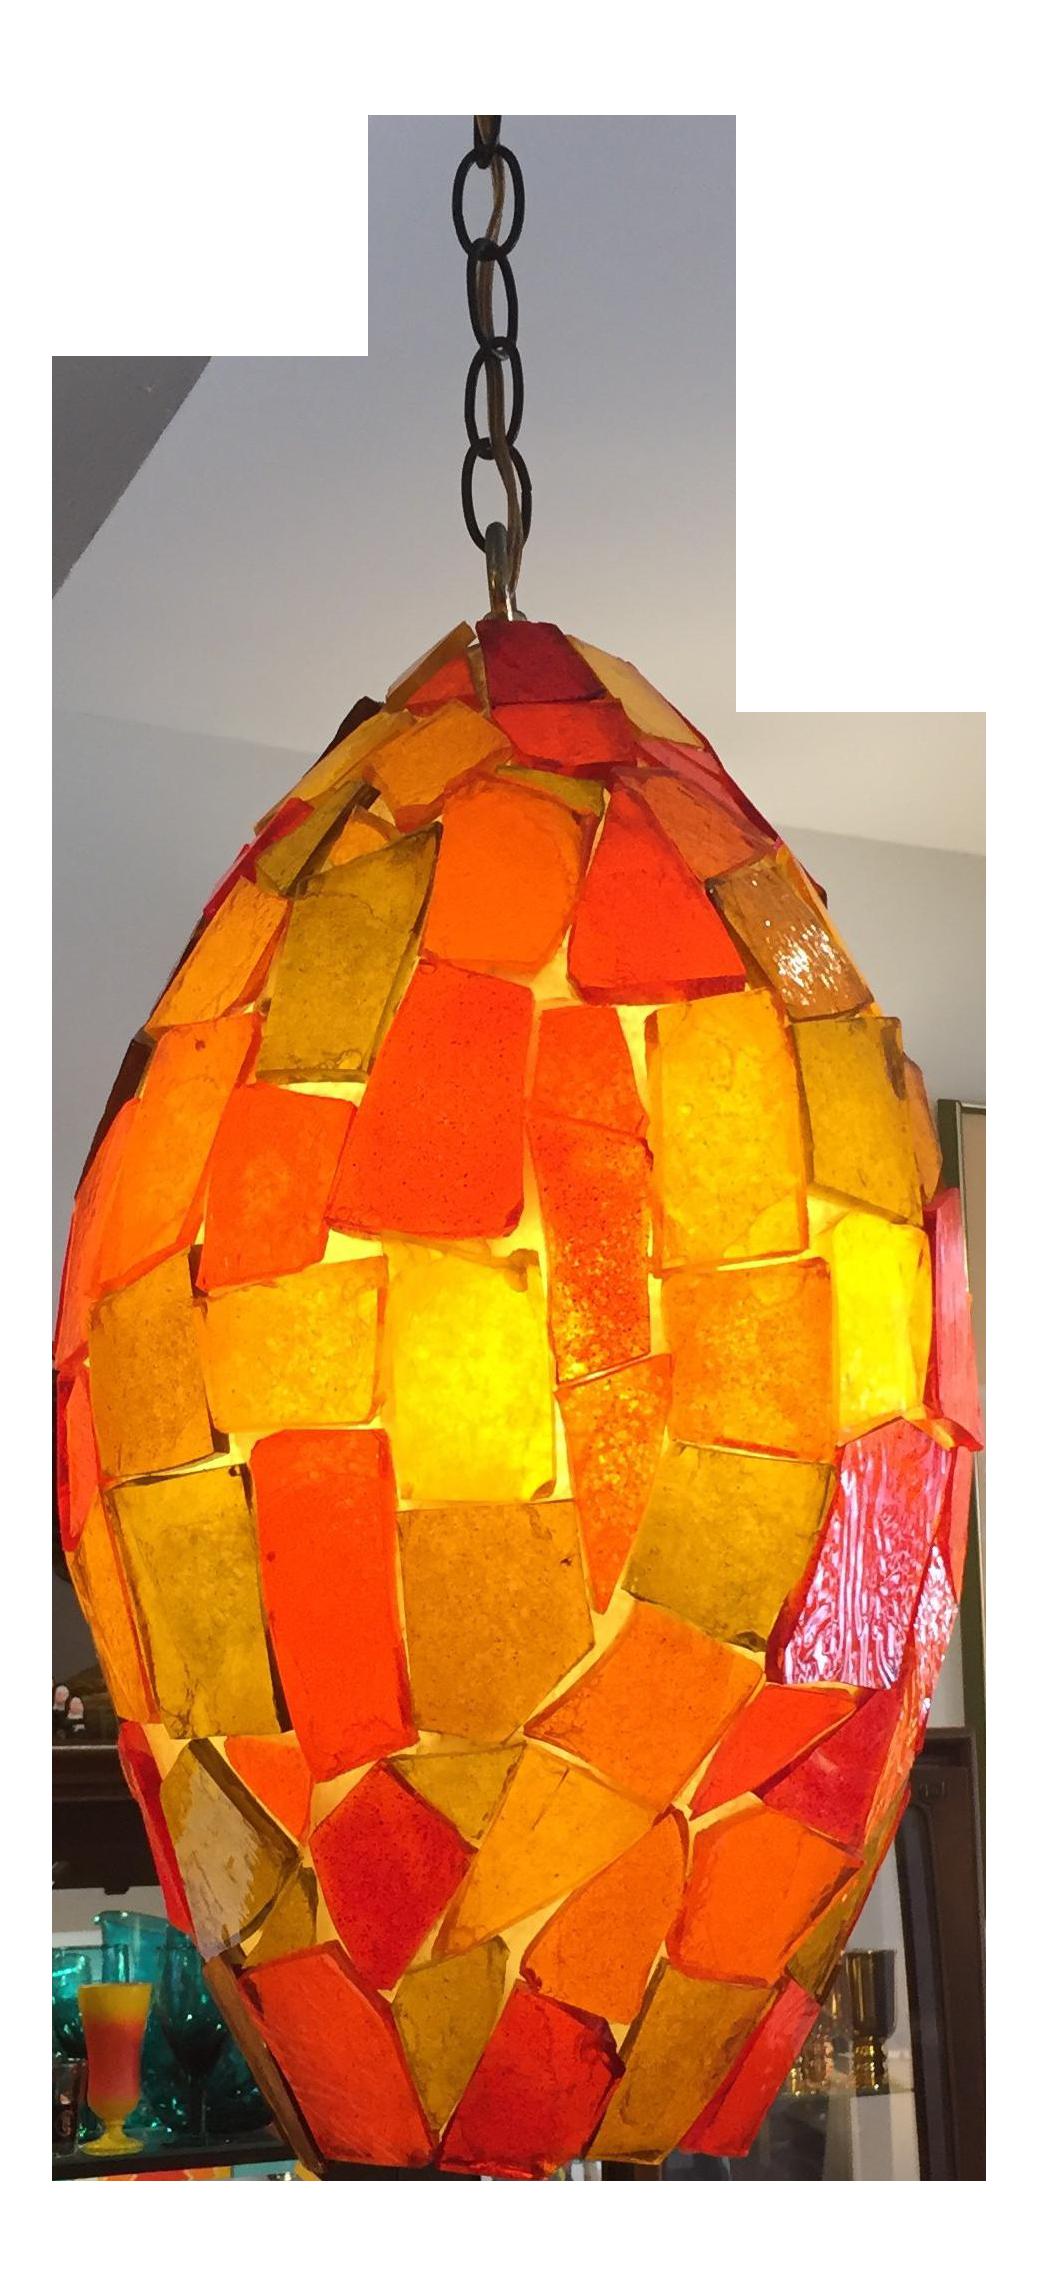 Mid Century Orange Glass Chandelier